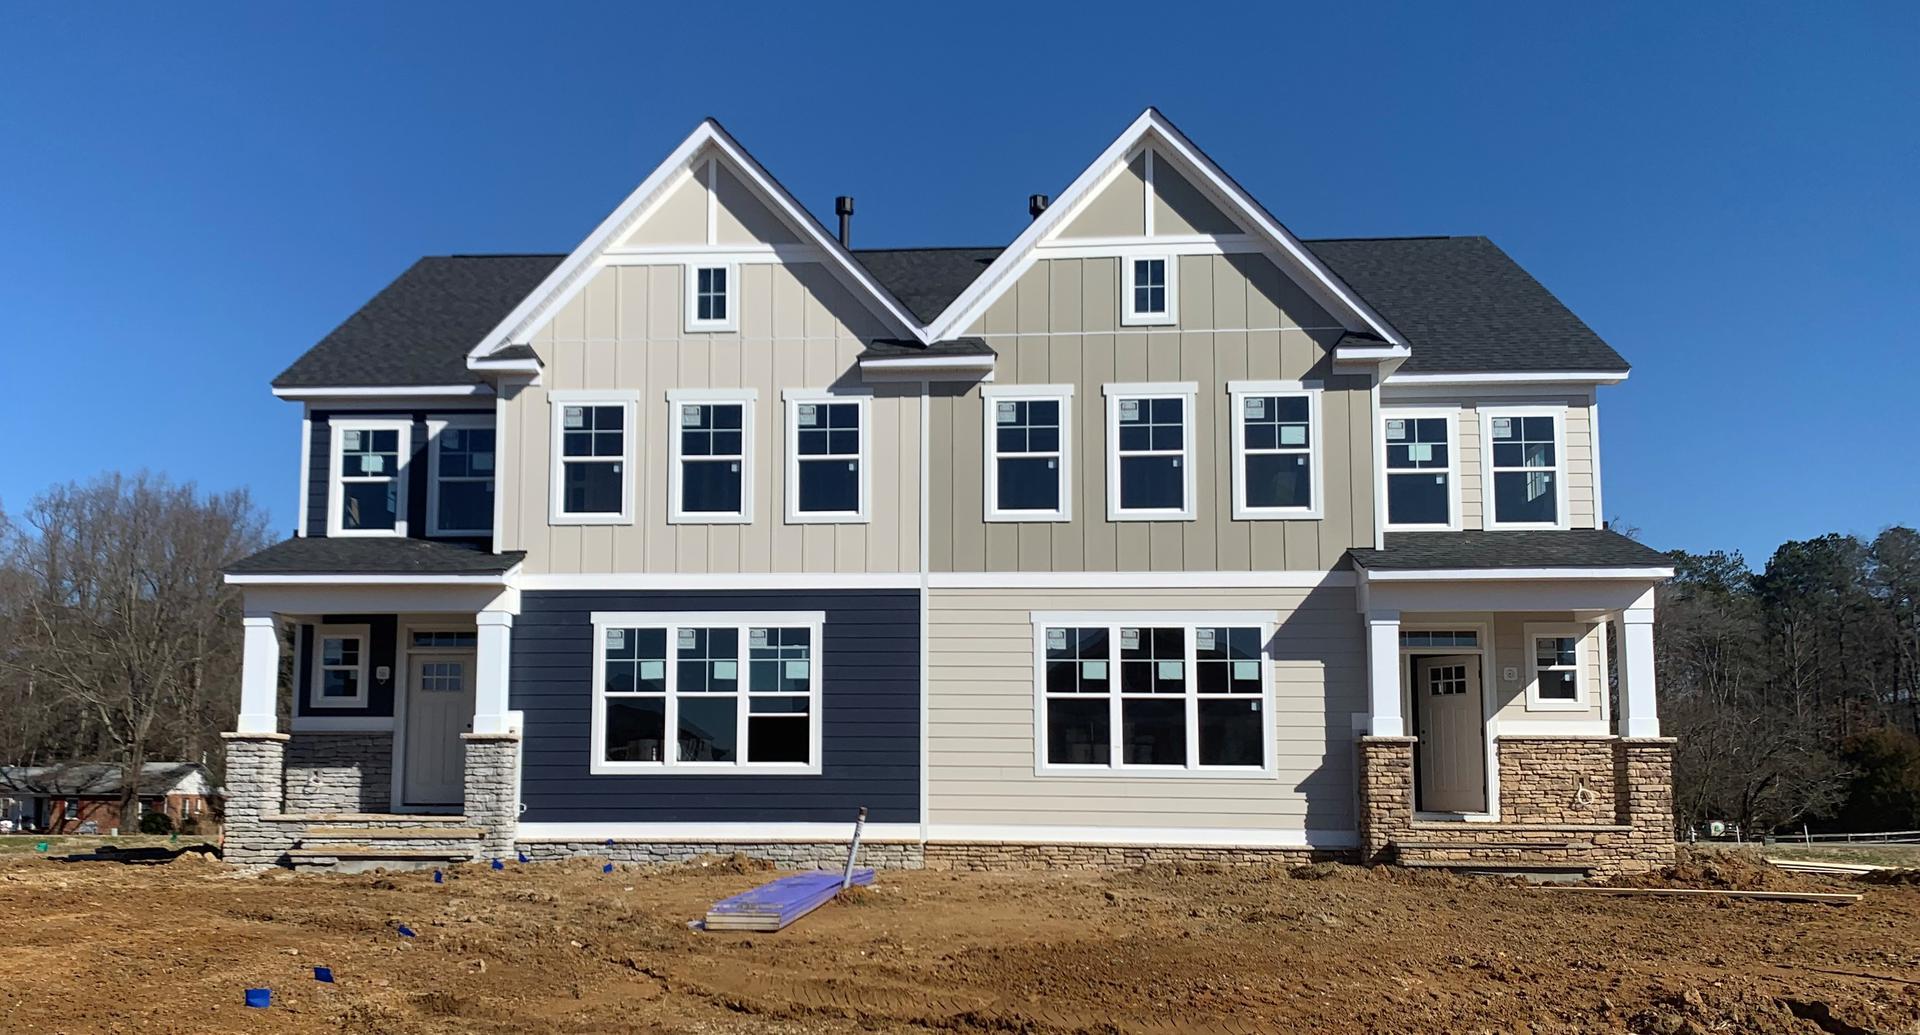 218 Lauradell Road, Ashland, VA 23005 Home for Sale